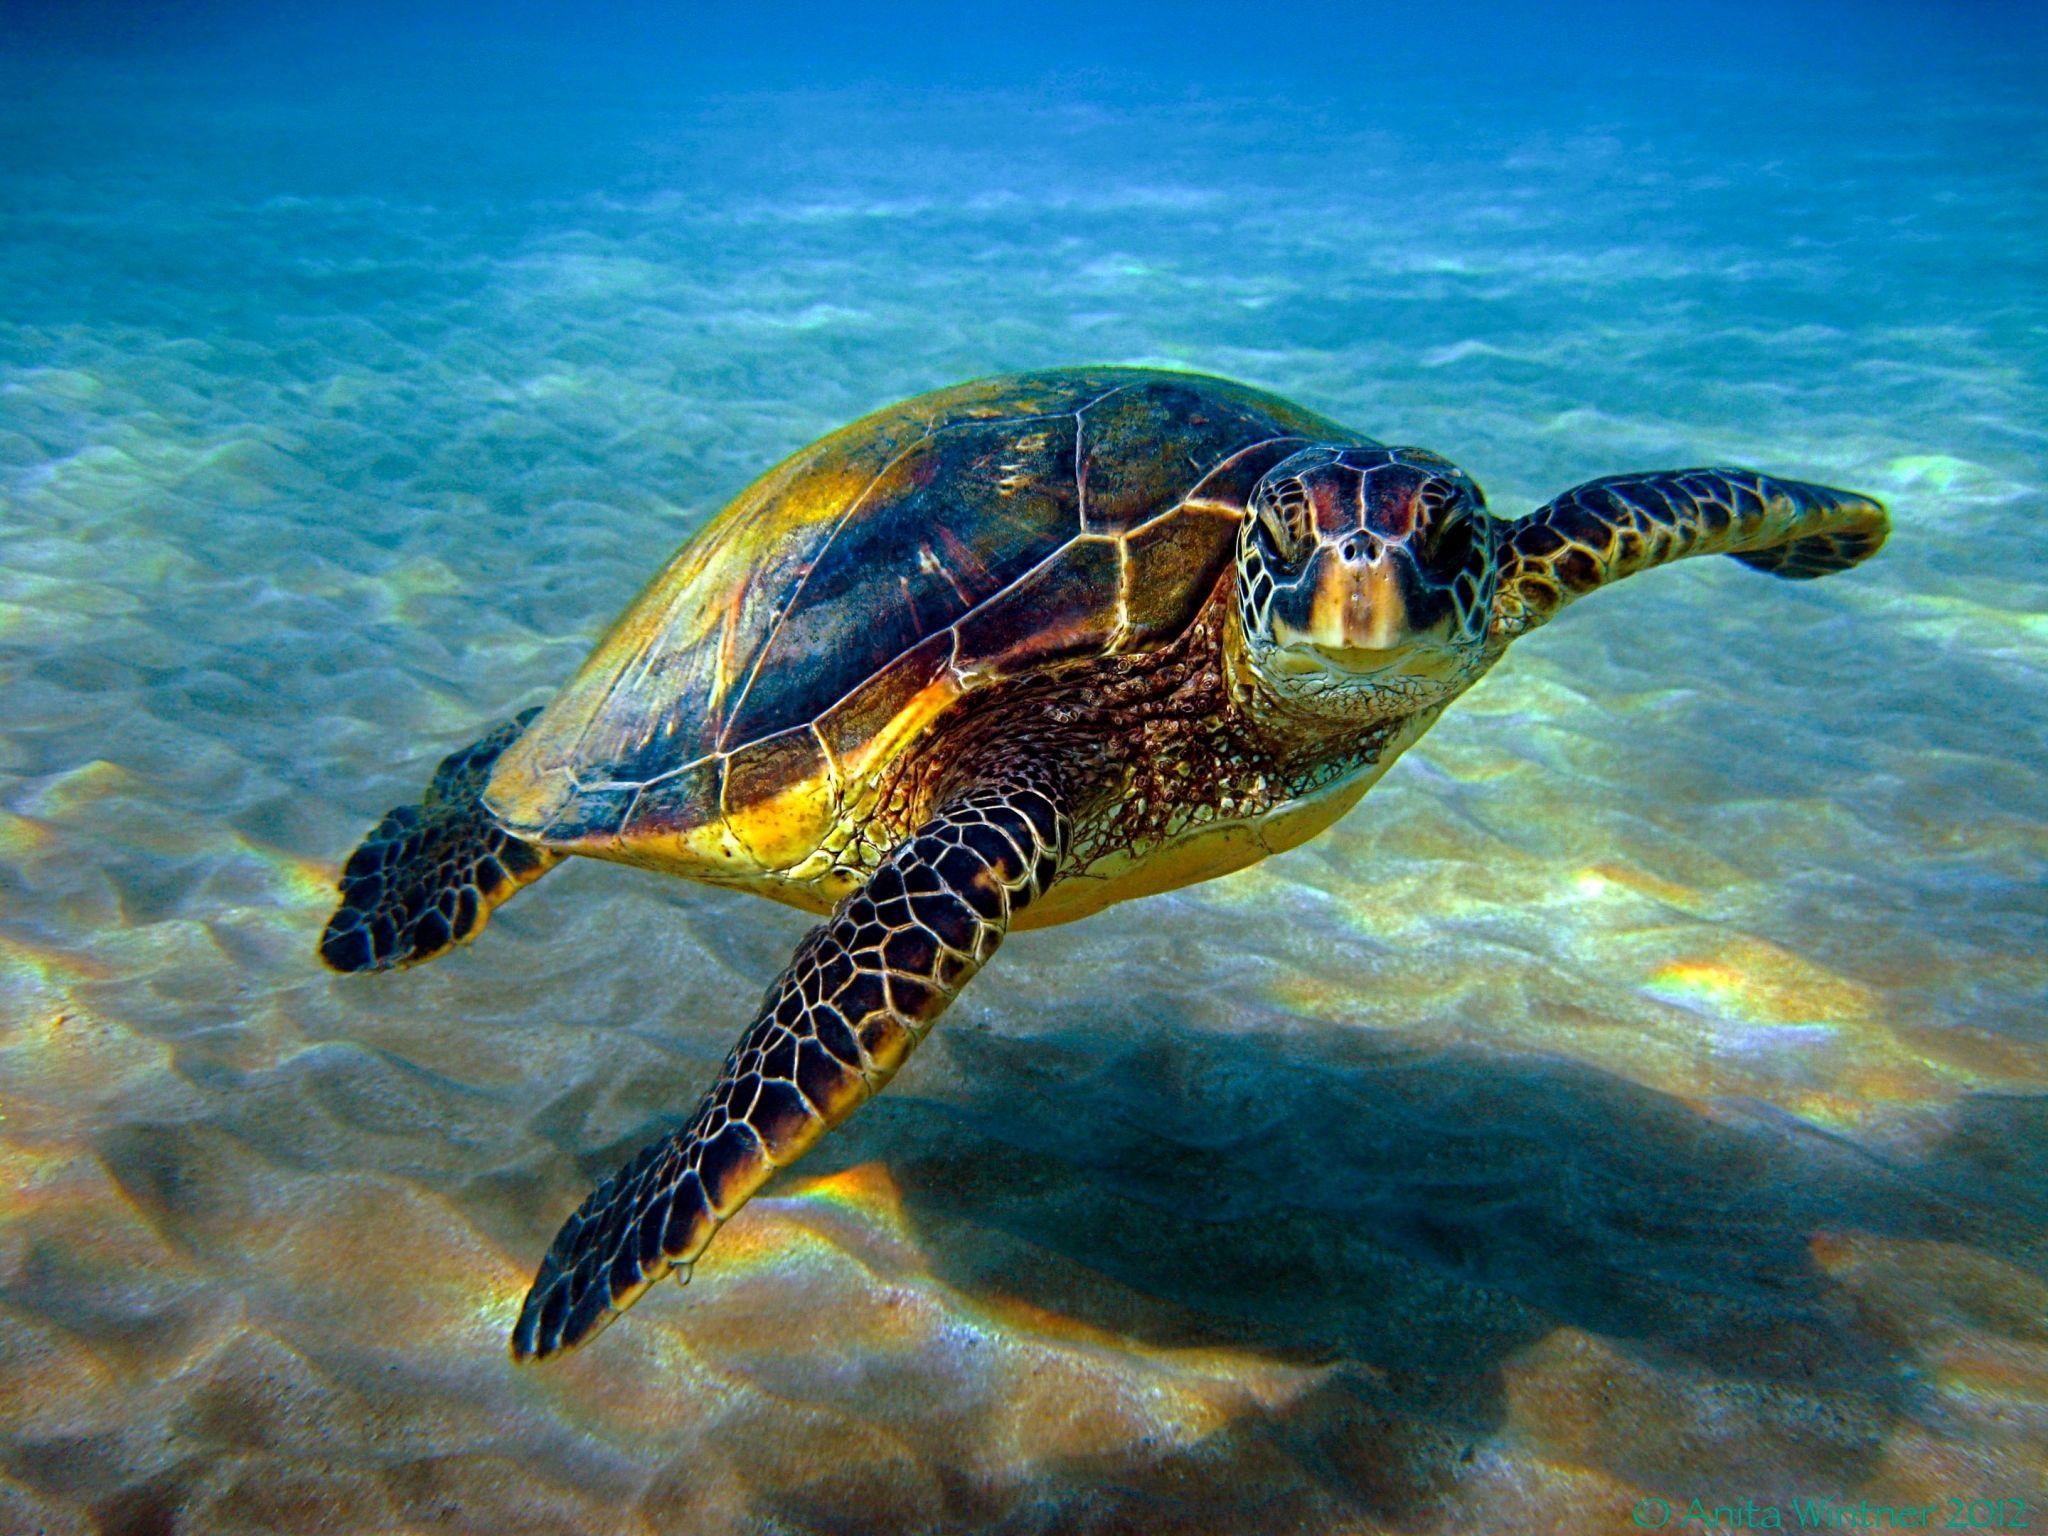 Turtle Free Desktop Wallpaper Downloads Sea Turtle Sea Turtle Species Turtle Images